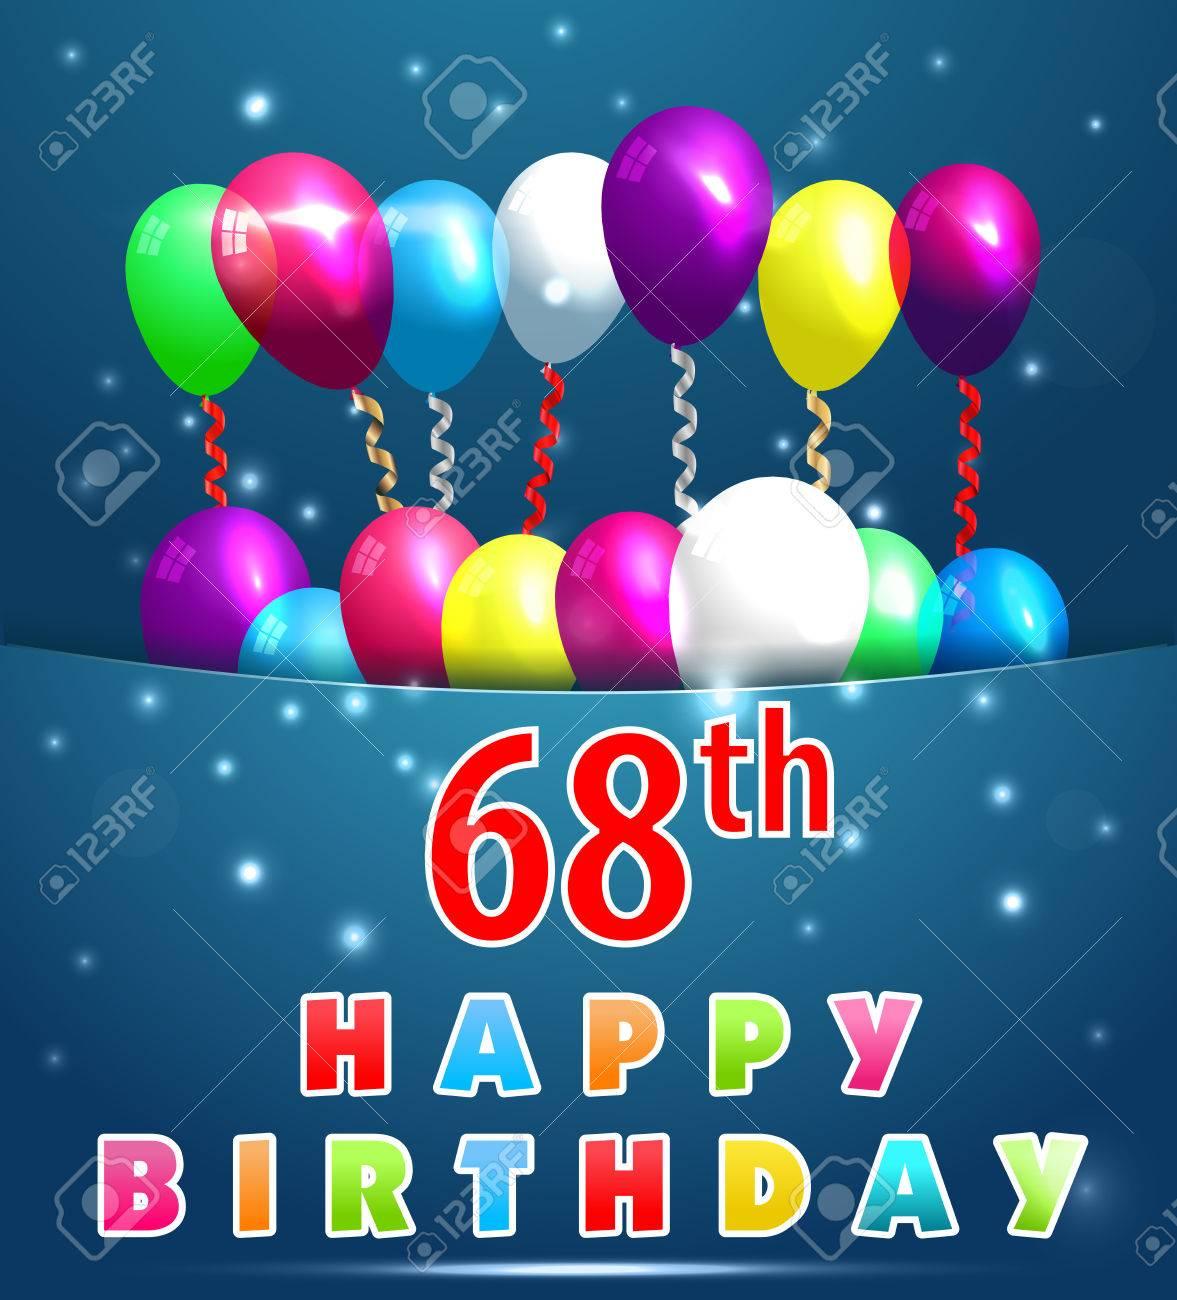 Auguri Buon Compleanno 46 Anni.Scheda Di Buon Compleanno 68 Anni Con Palloncini E Nastri 68 Compleanno